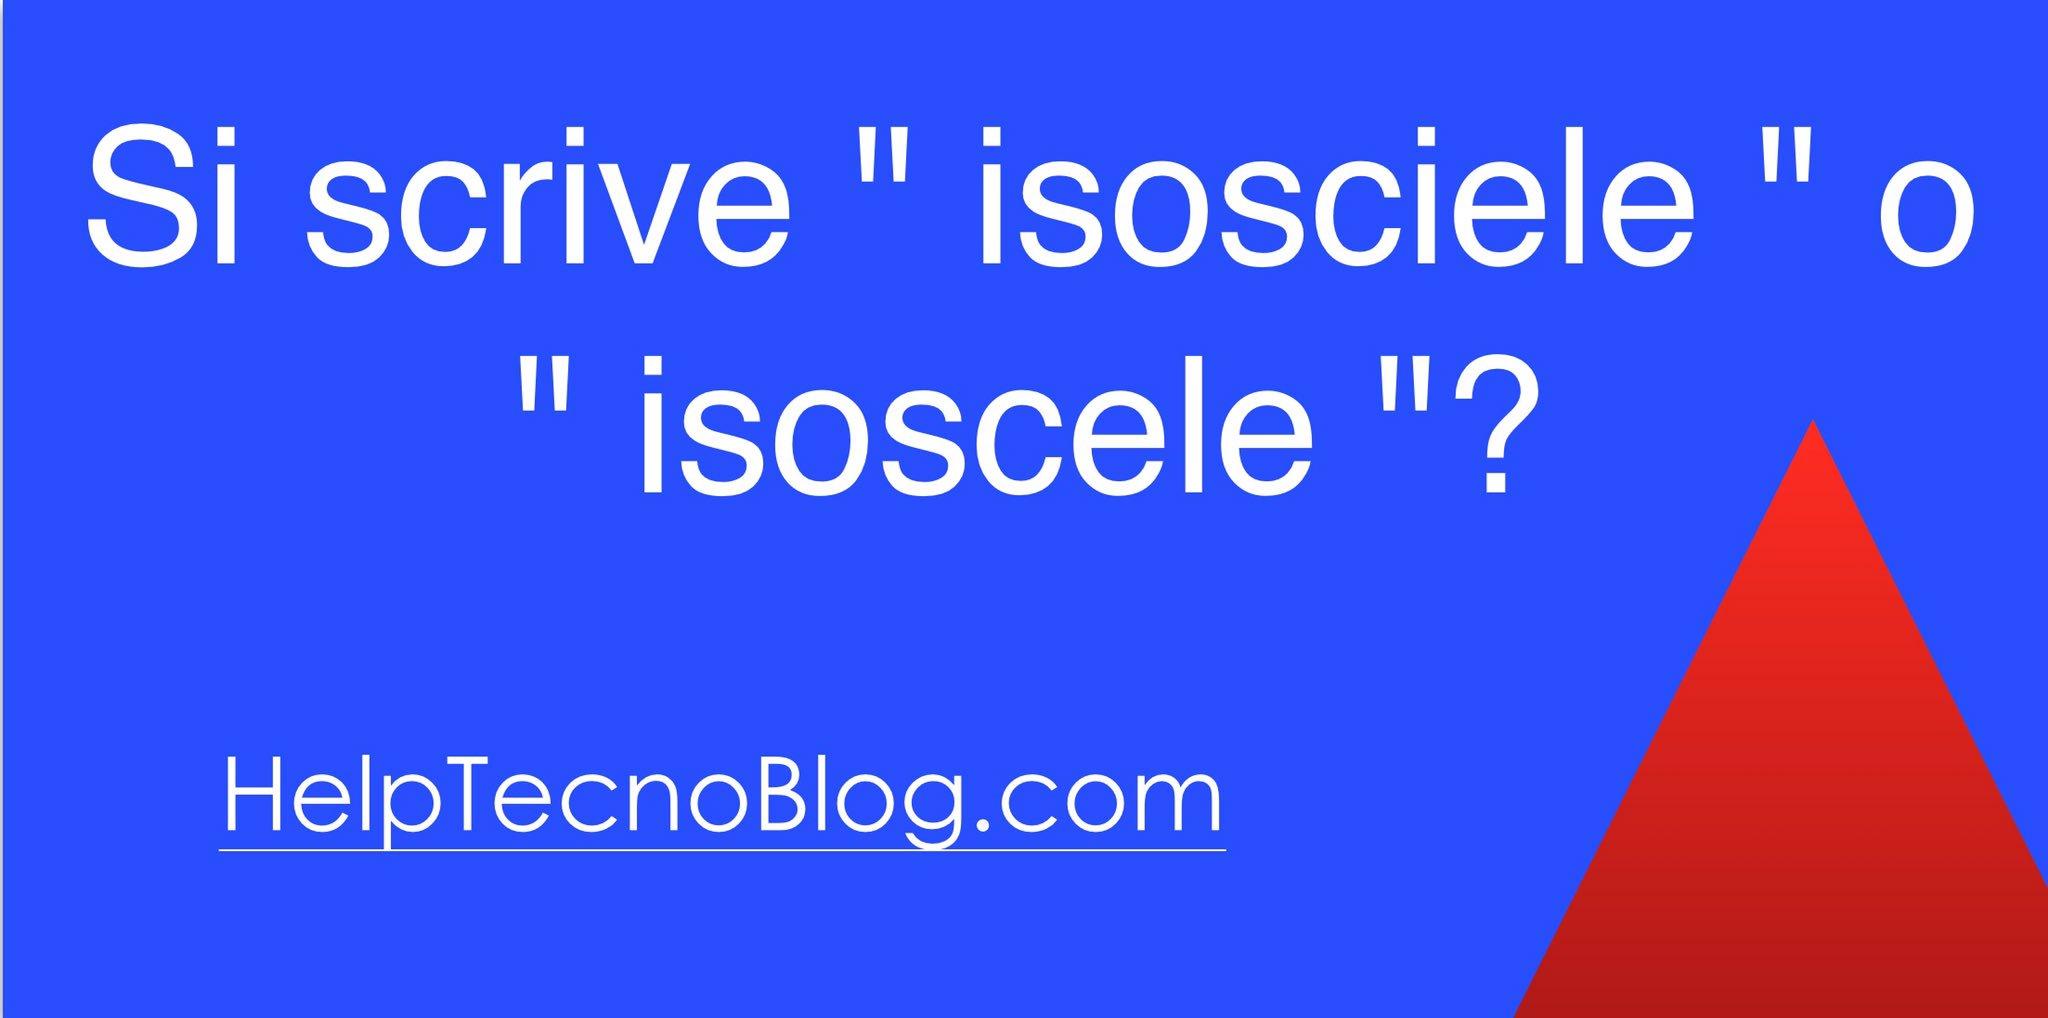 """Si scrive """" isosciele """" o """" isoscele """"?"""